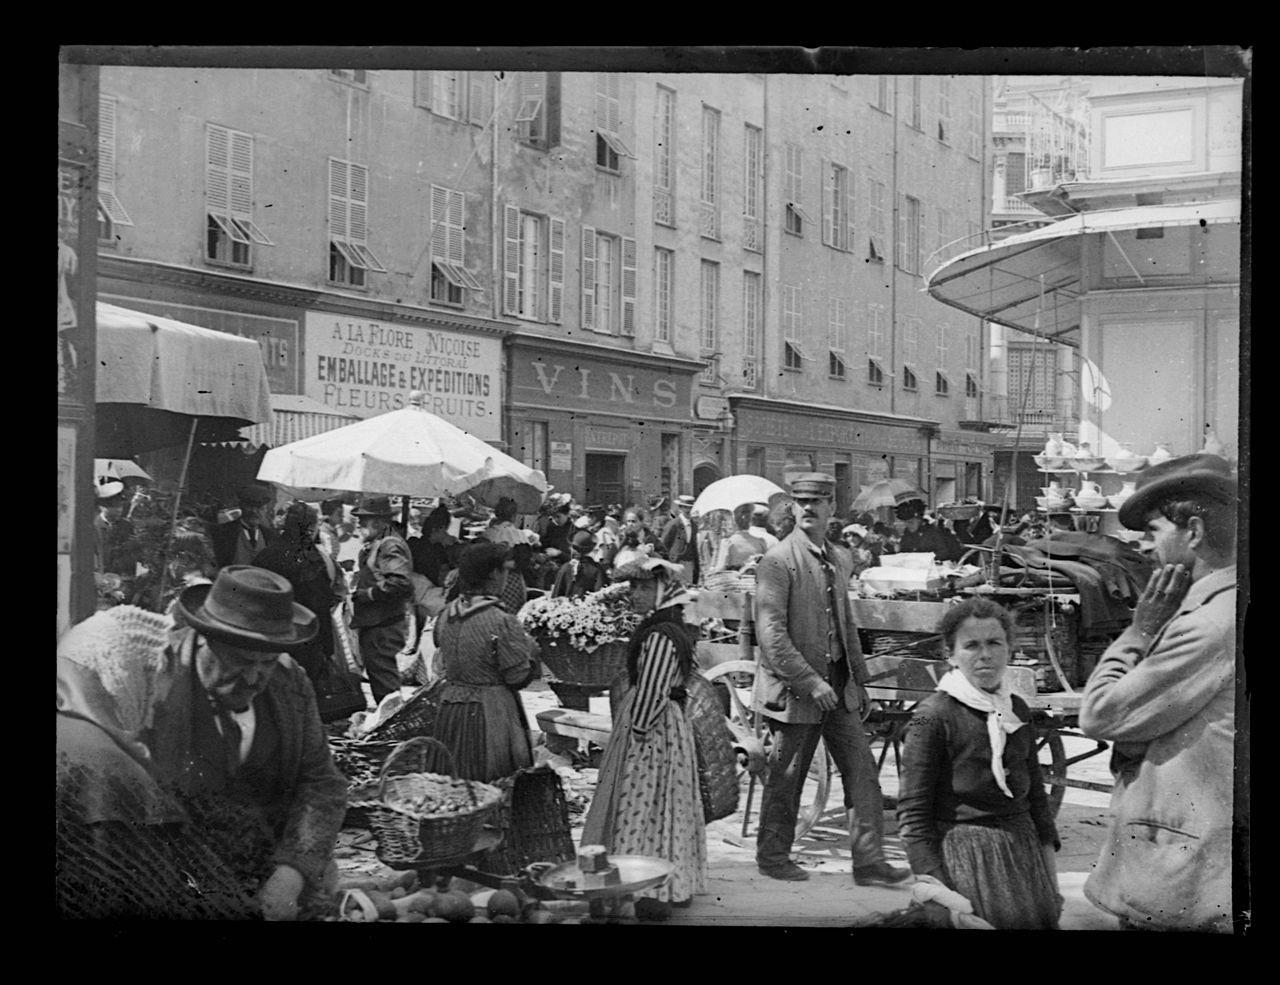 April 1899, at Nice's Marché aux Fleurs